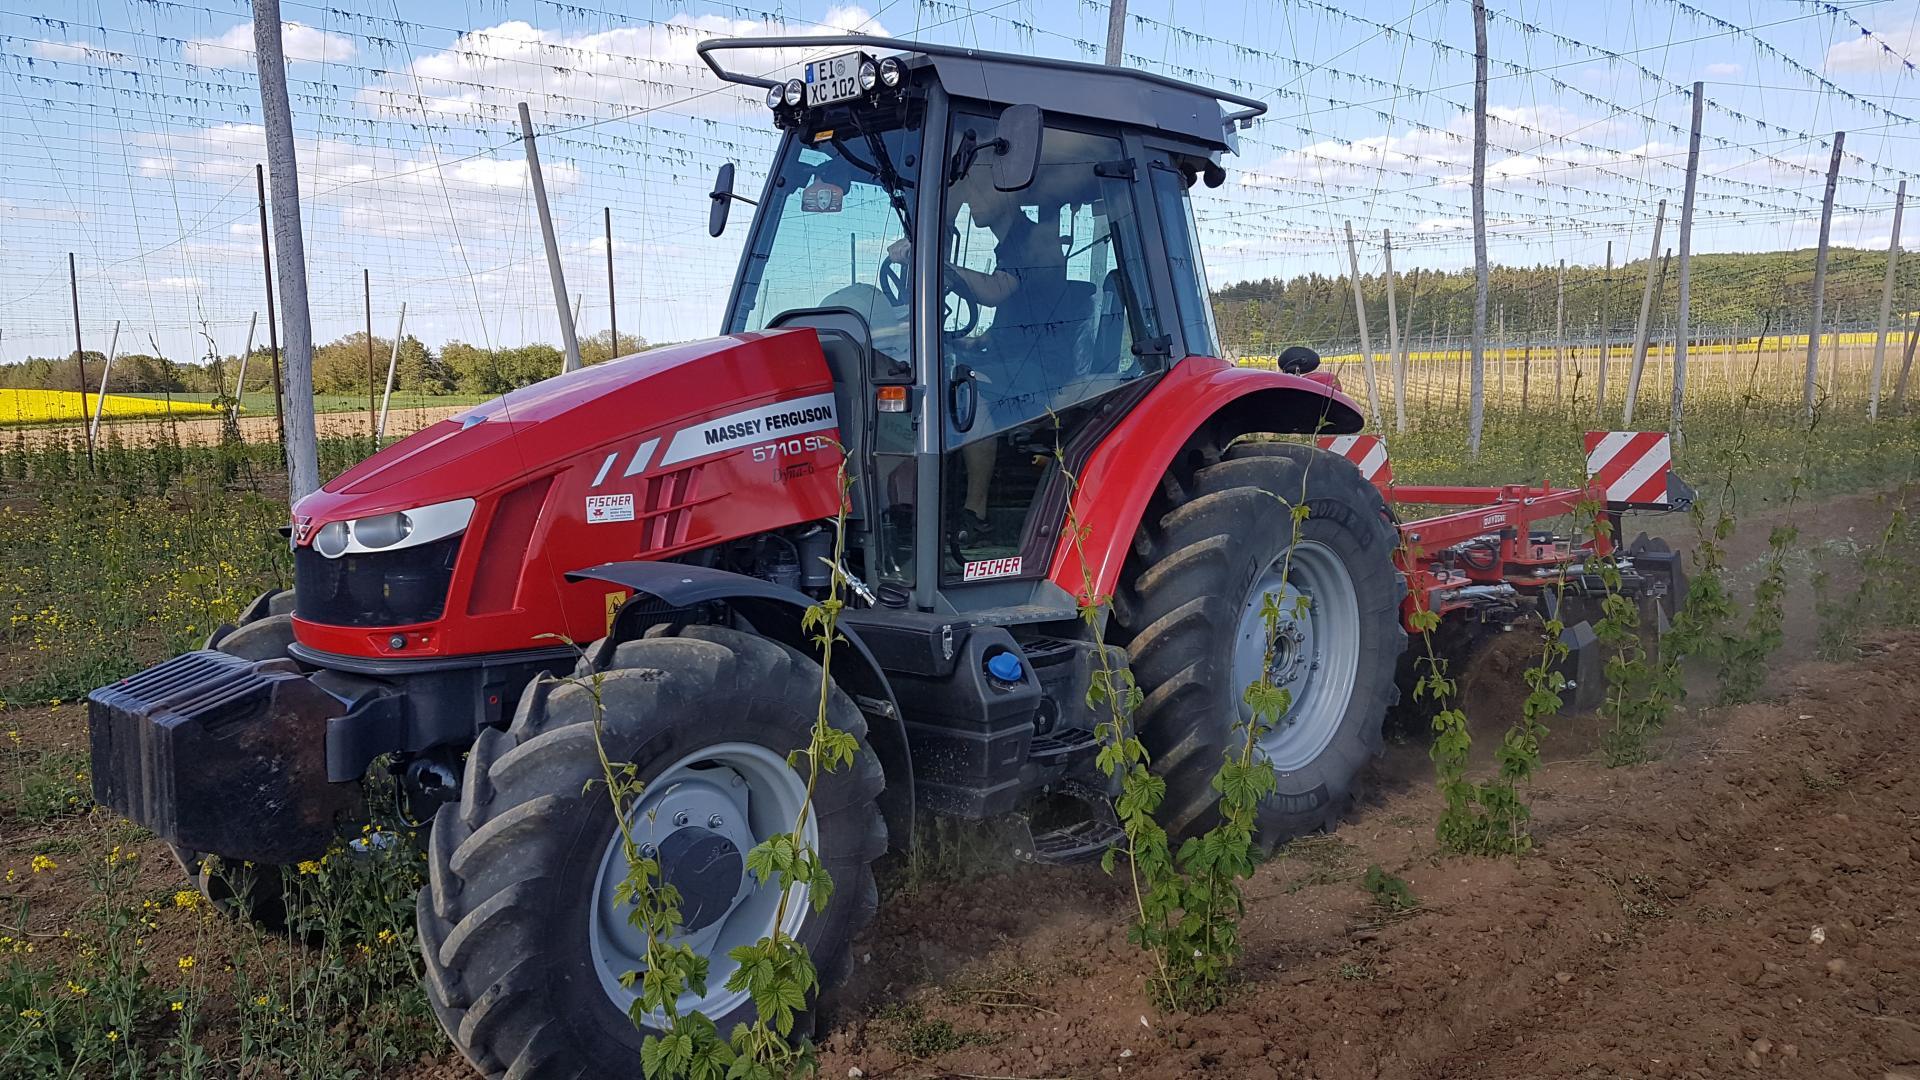 MF 5700 S